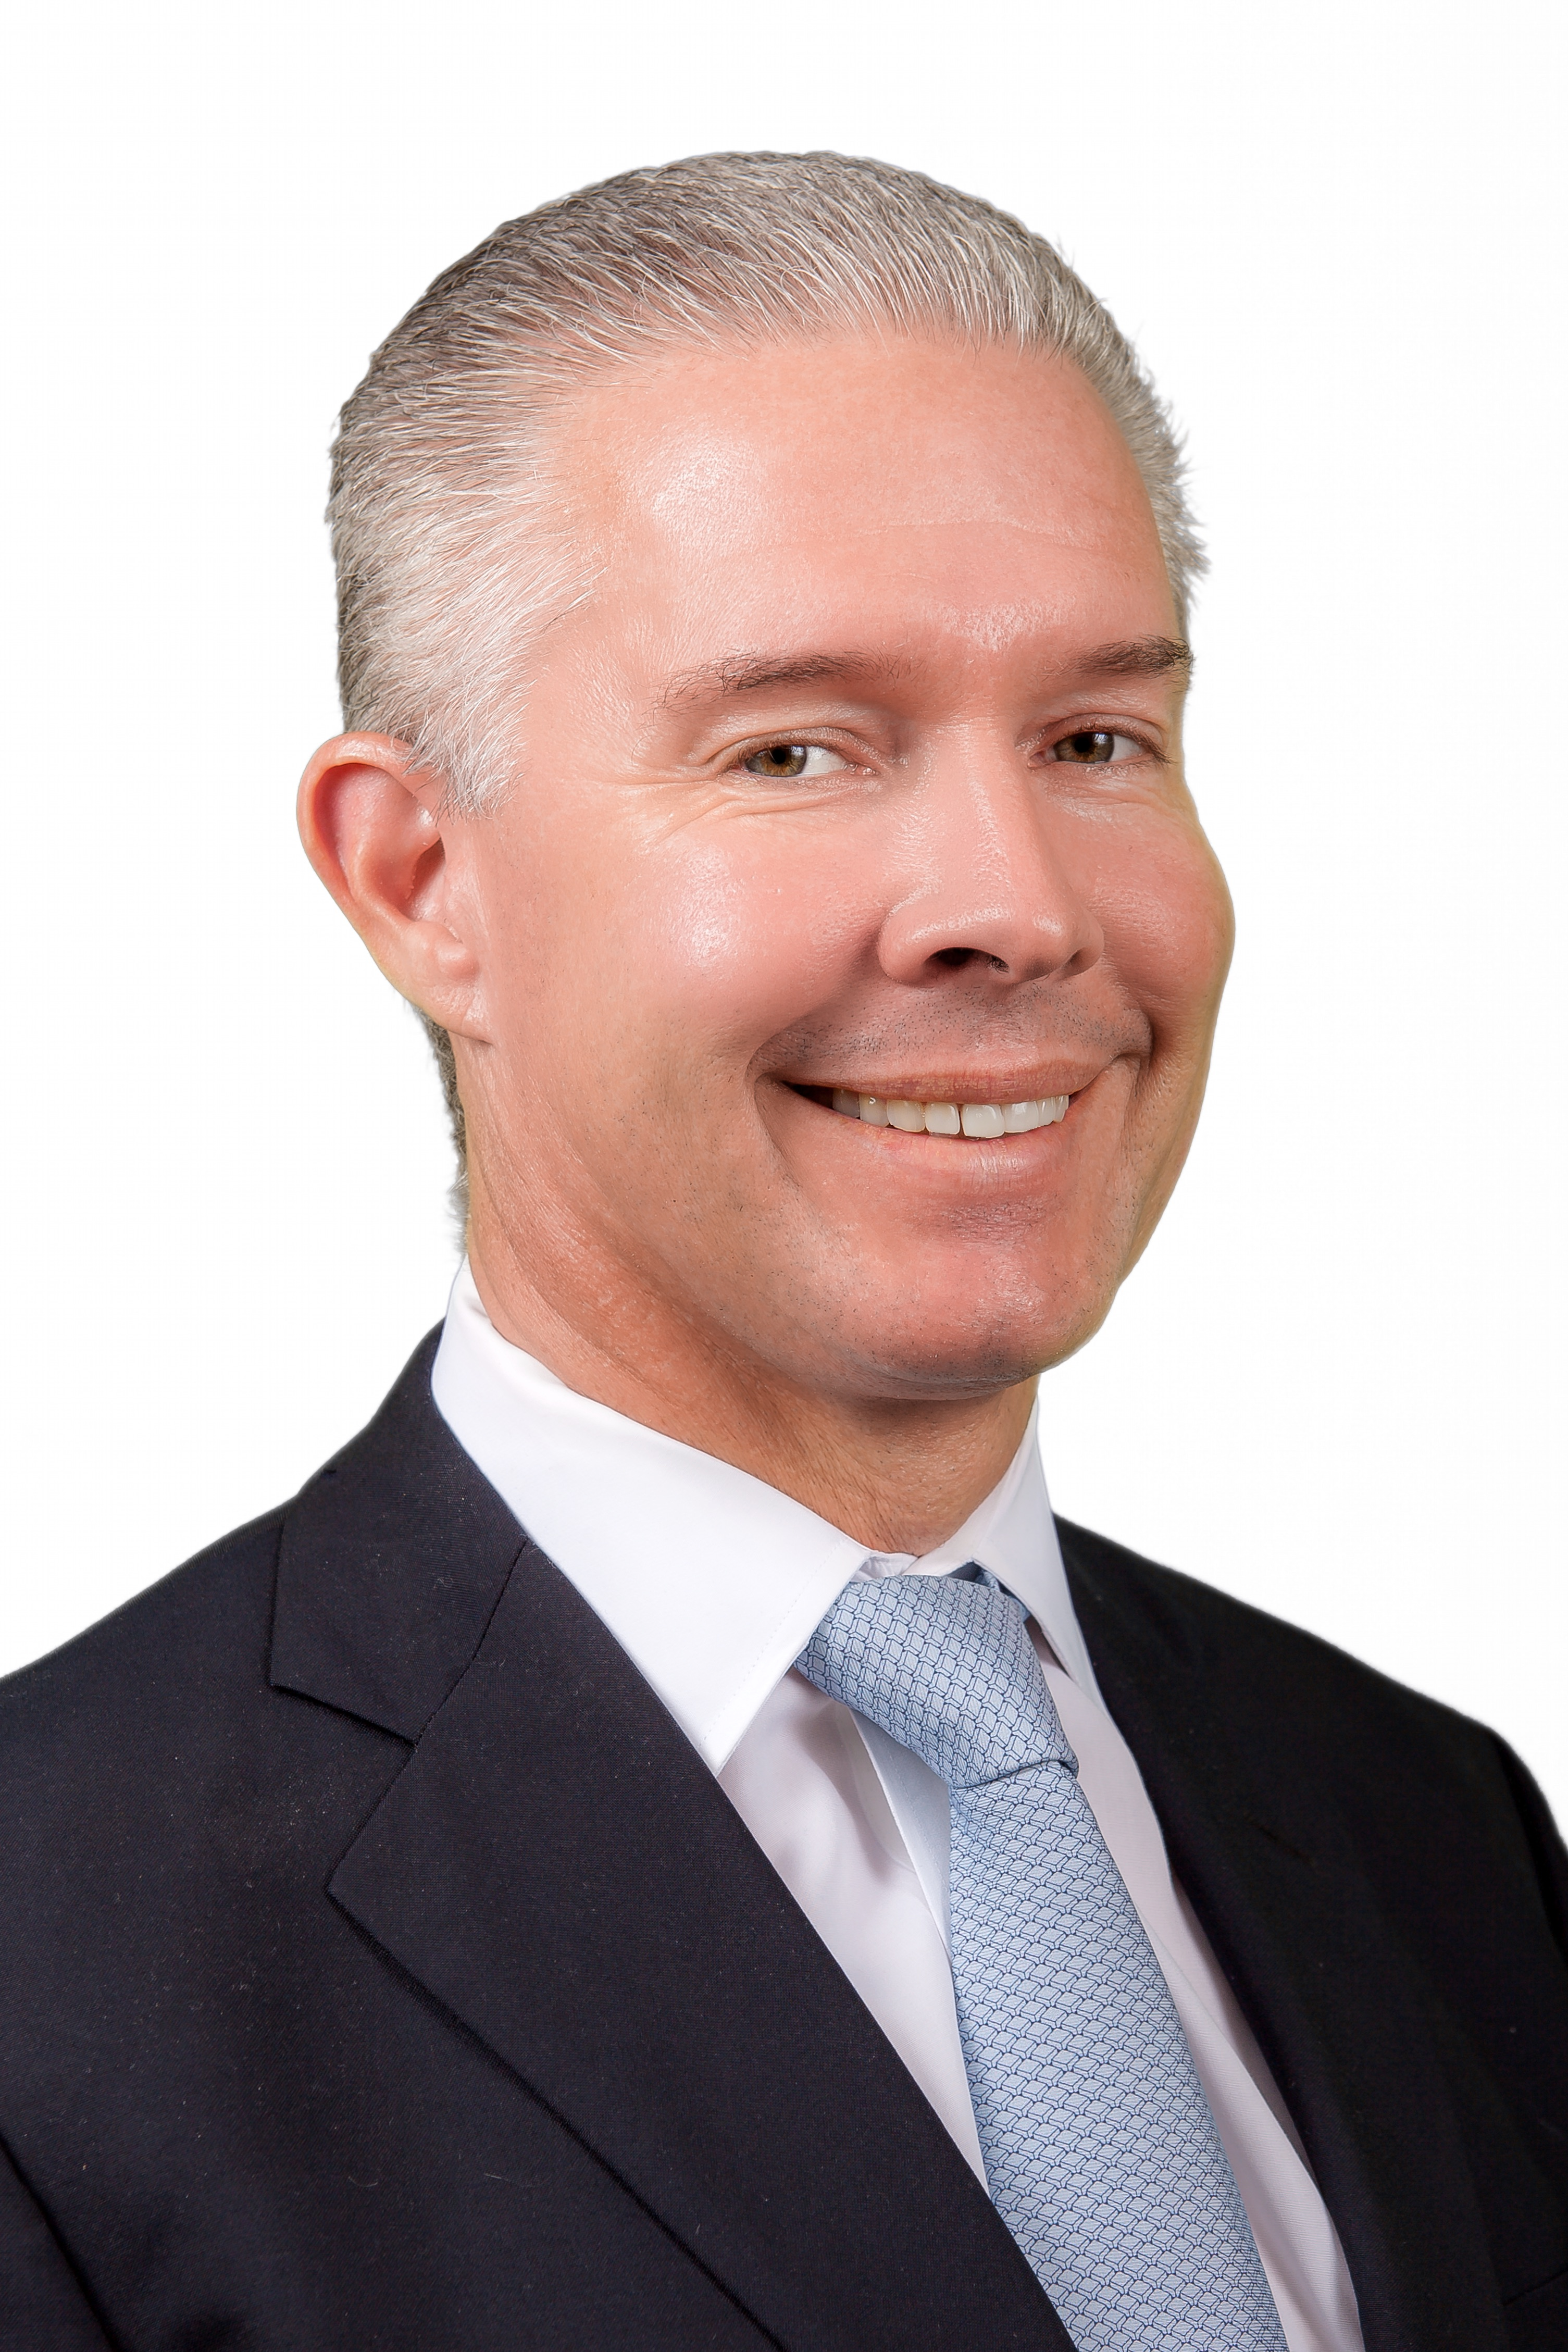 Gavan P. Duffy, MD